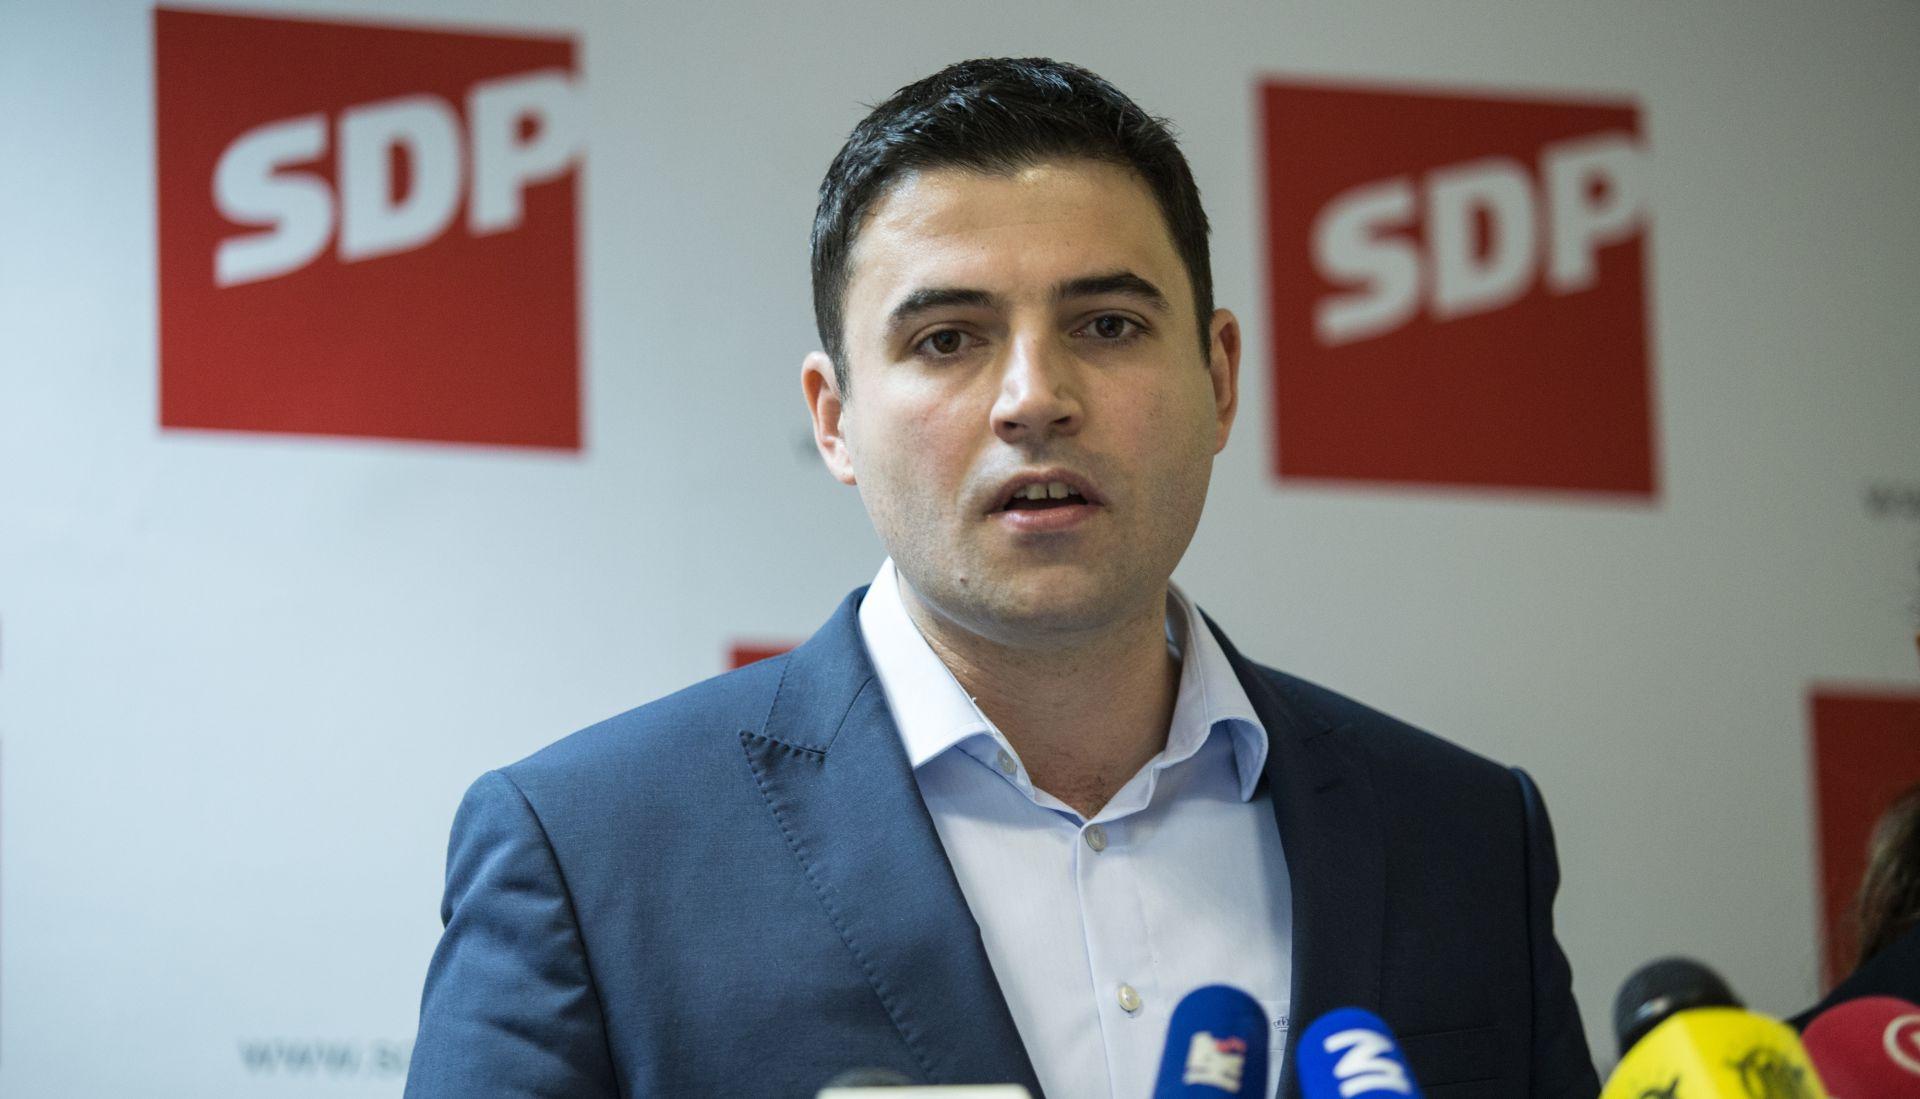 BERNARDIĆ 'S Plenkovićem želim razgovarati o modelu preuzimanja Ine bez prodaje HEP-a'